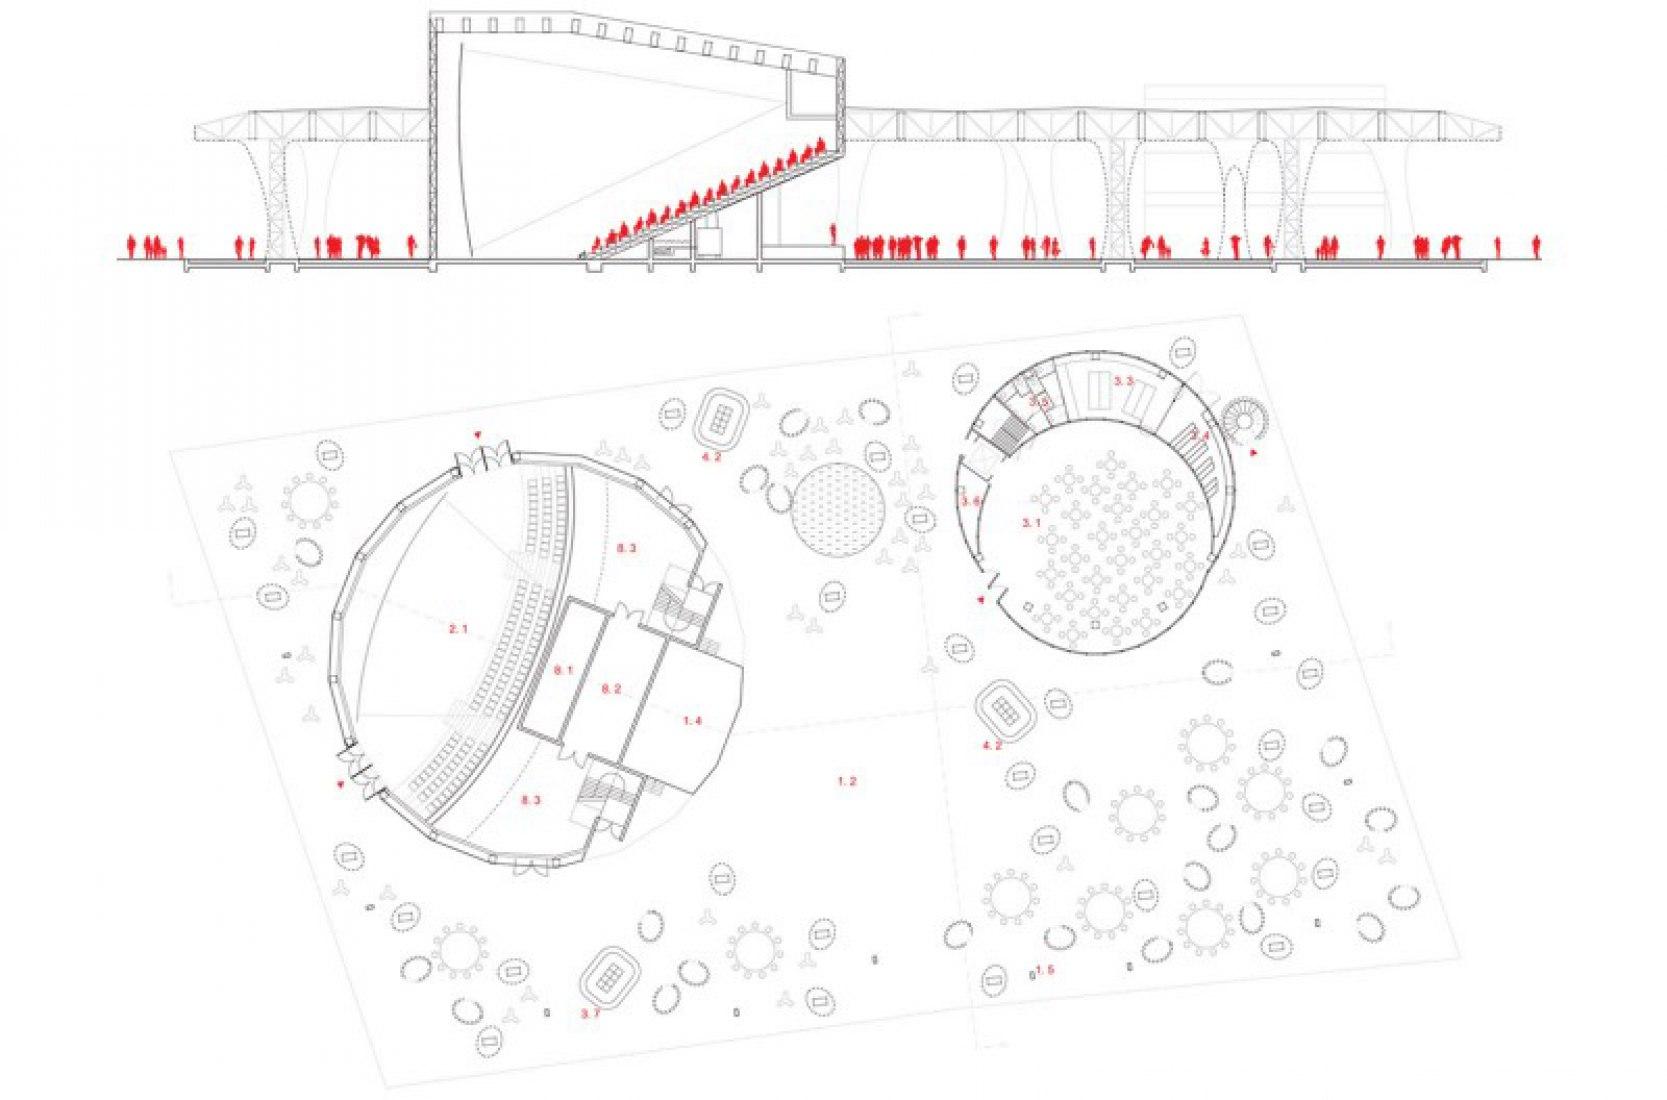 Planta primera. Pabellón de Suiza para la expo de Shanghai. Concurso, seleccionados para la 2 ª fase, 5 º premio.